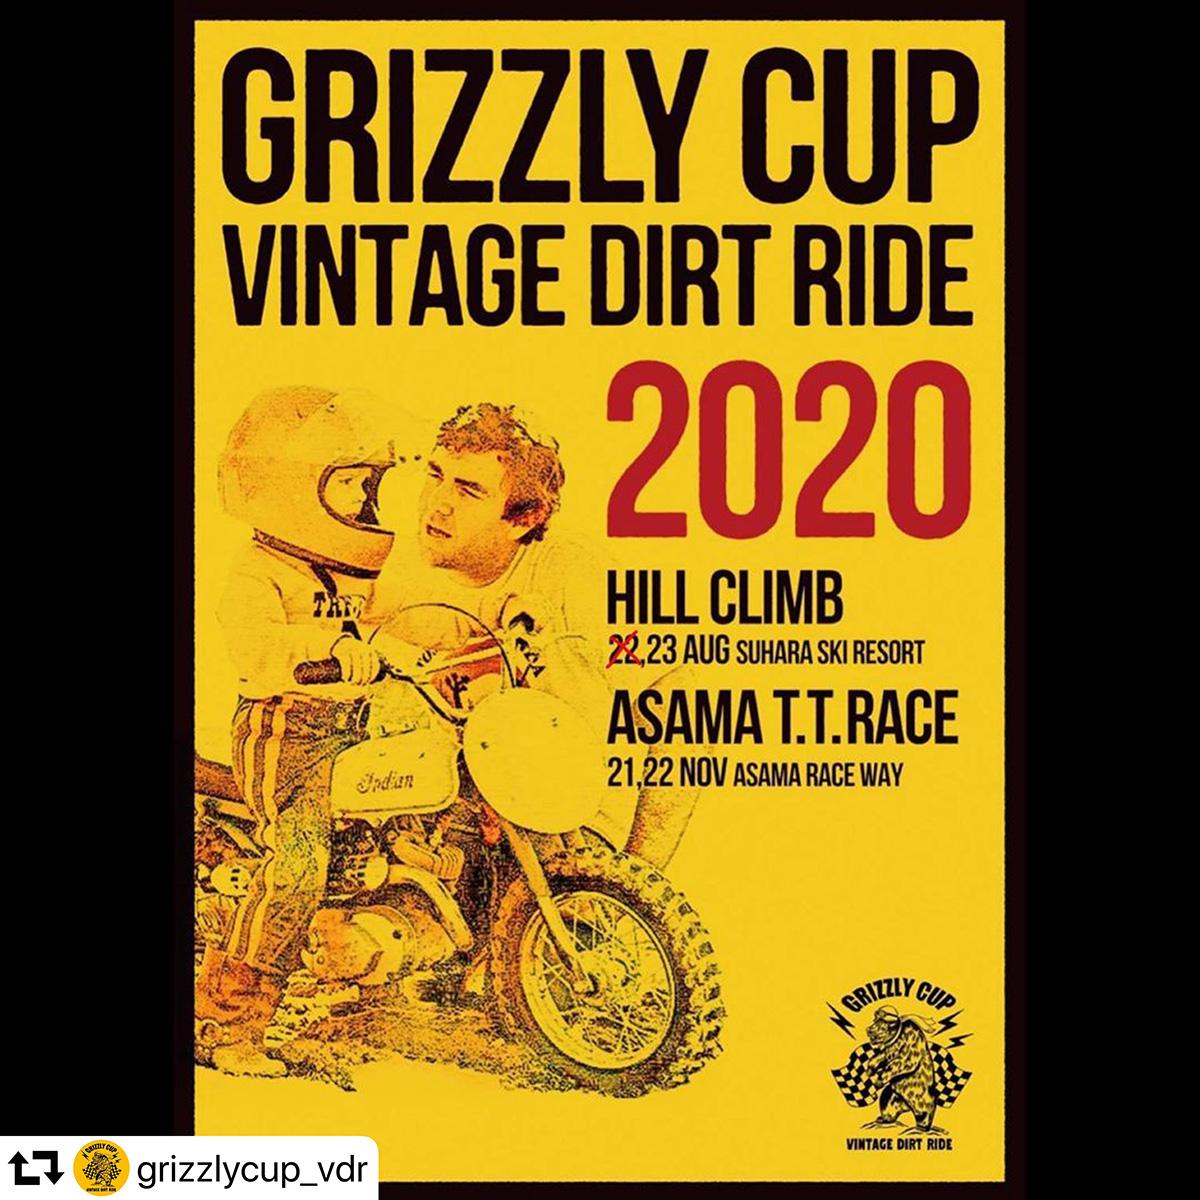 グリズリーカップ GRIZZLY HILLCLIMB at Suhara ski resort Grizzly cup vintage dirt ride 須原スキーリゾート 新潟 魚沼 スキー場 ヴィンテージモトクロス シンテージバイク ビンテージモーターサイクル バイク dirt motorcycle vintage ヒルクライム hill climb